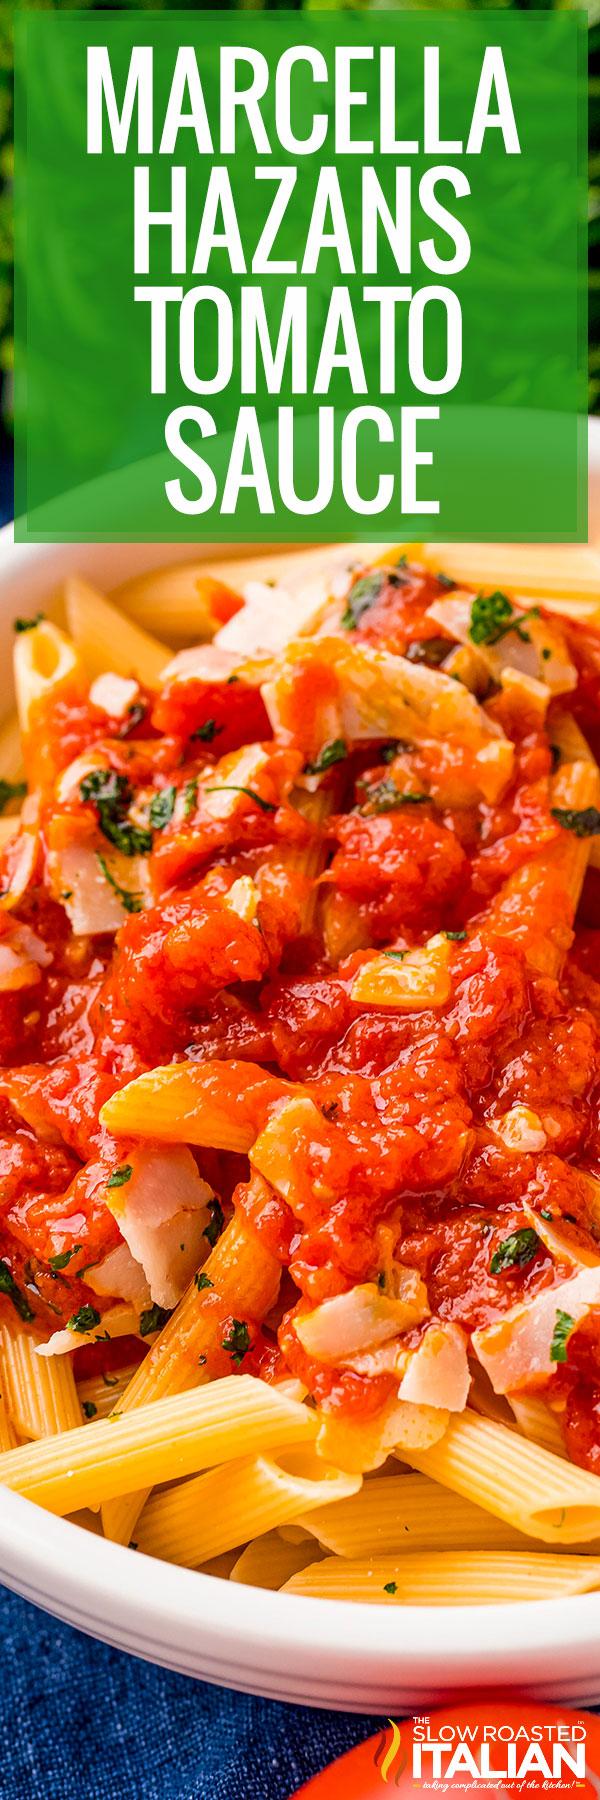 Marcella Hazans Tomato Sauce Recipe closeup